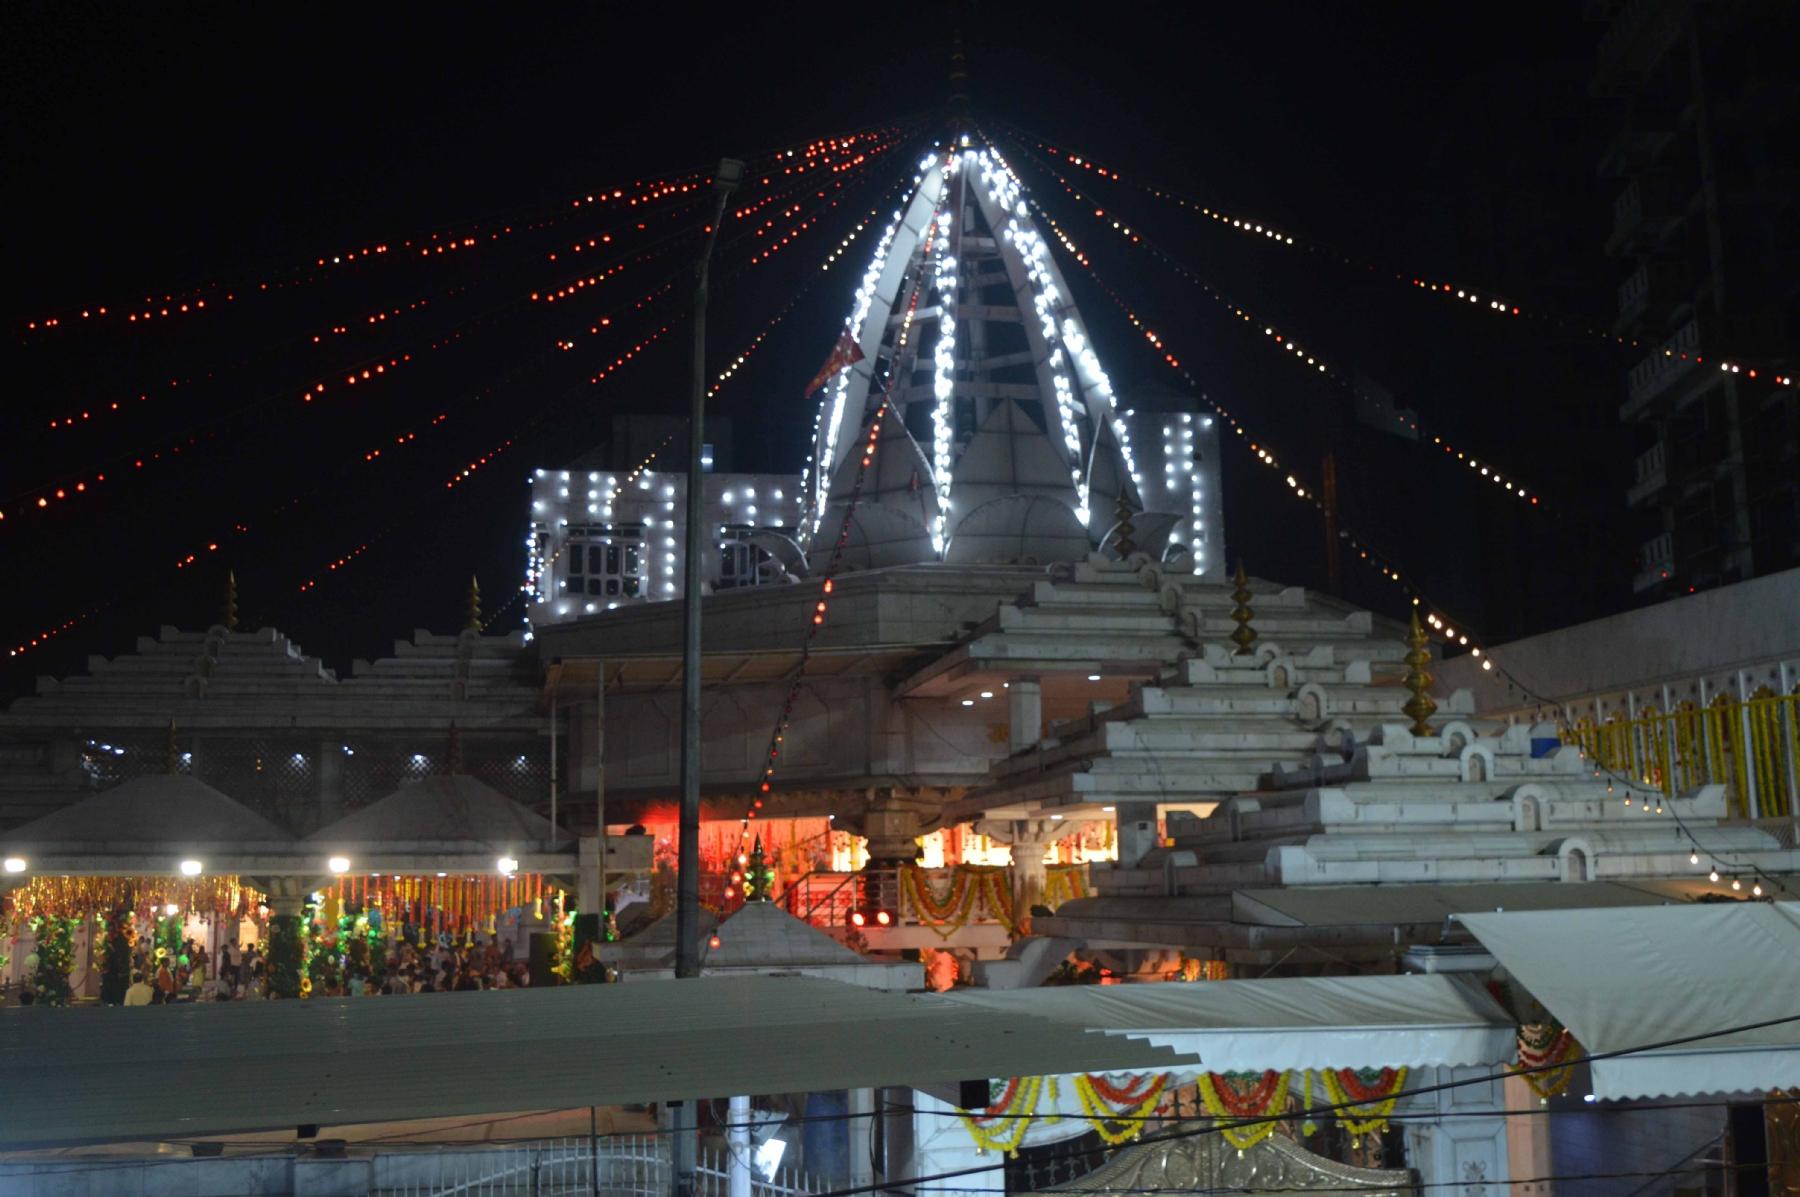 नई दिल्ली, बुधवार 06 अक्टूबर। नवरात्र की शुरूआत के एक दिन पूर्व, संध्या में रोशनी से जगमगाता झंडेवाली माता मंदिर का दृश्य। फोटो गणेश बिष्ट